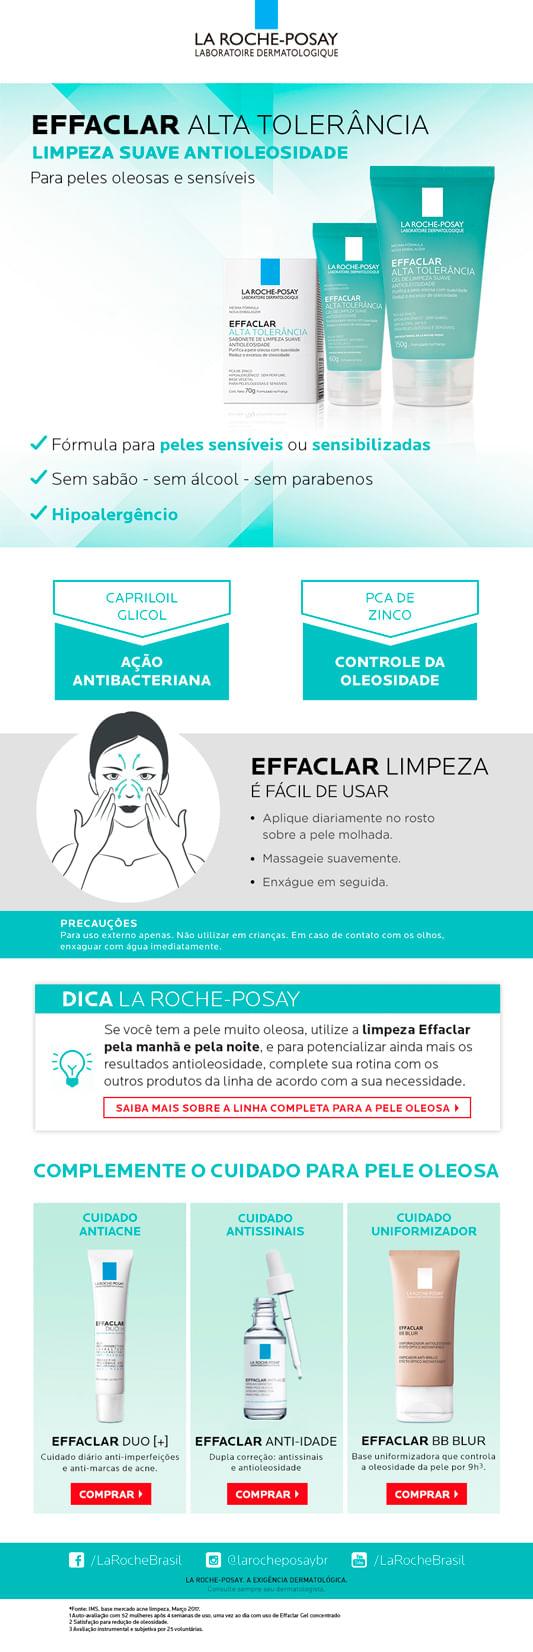 Gel de Limpeza Facial La Roche Posay - Effaclar Alta Tolerância